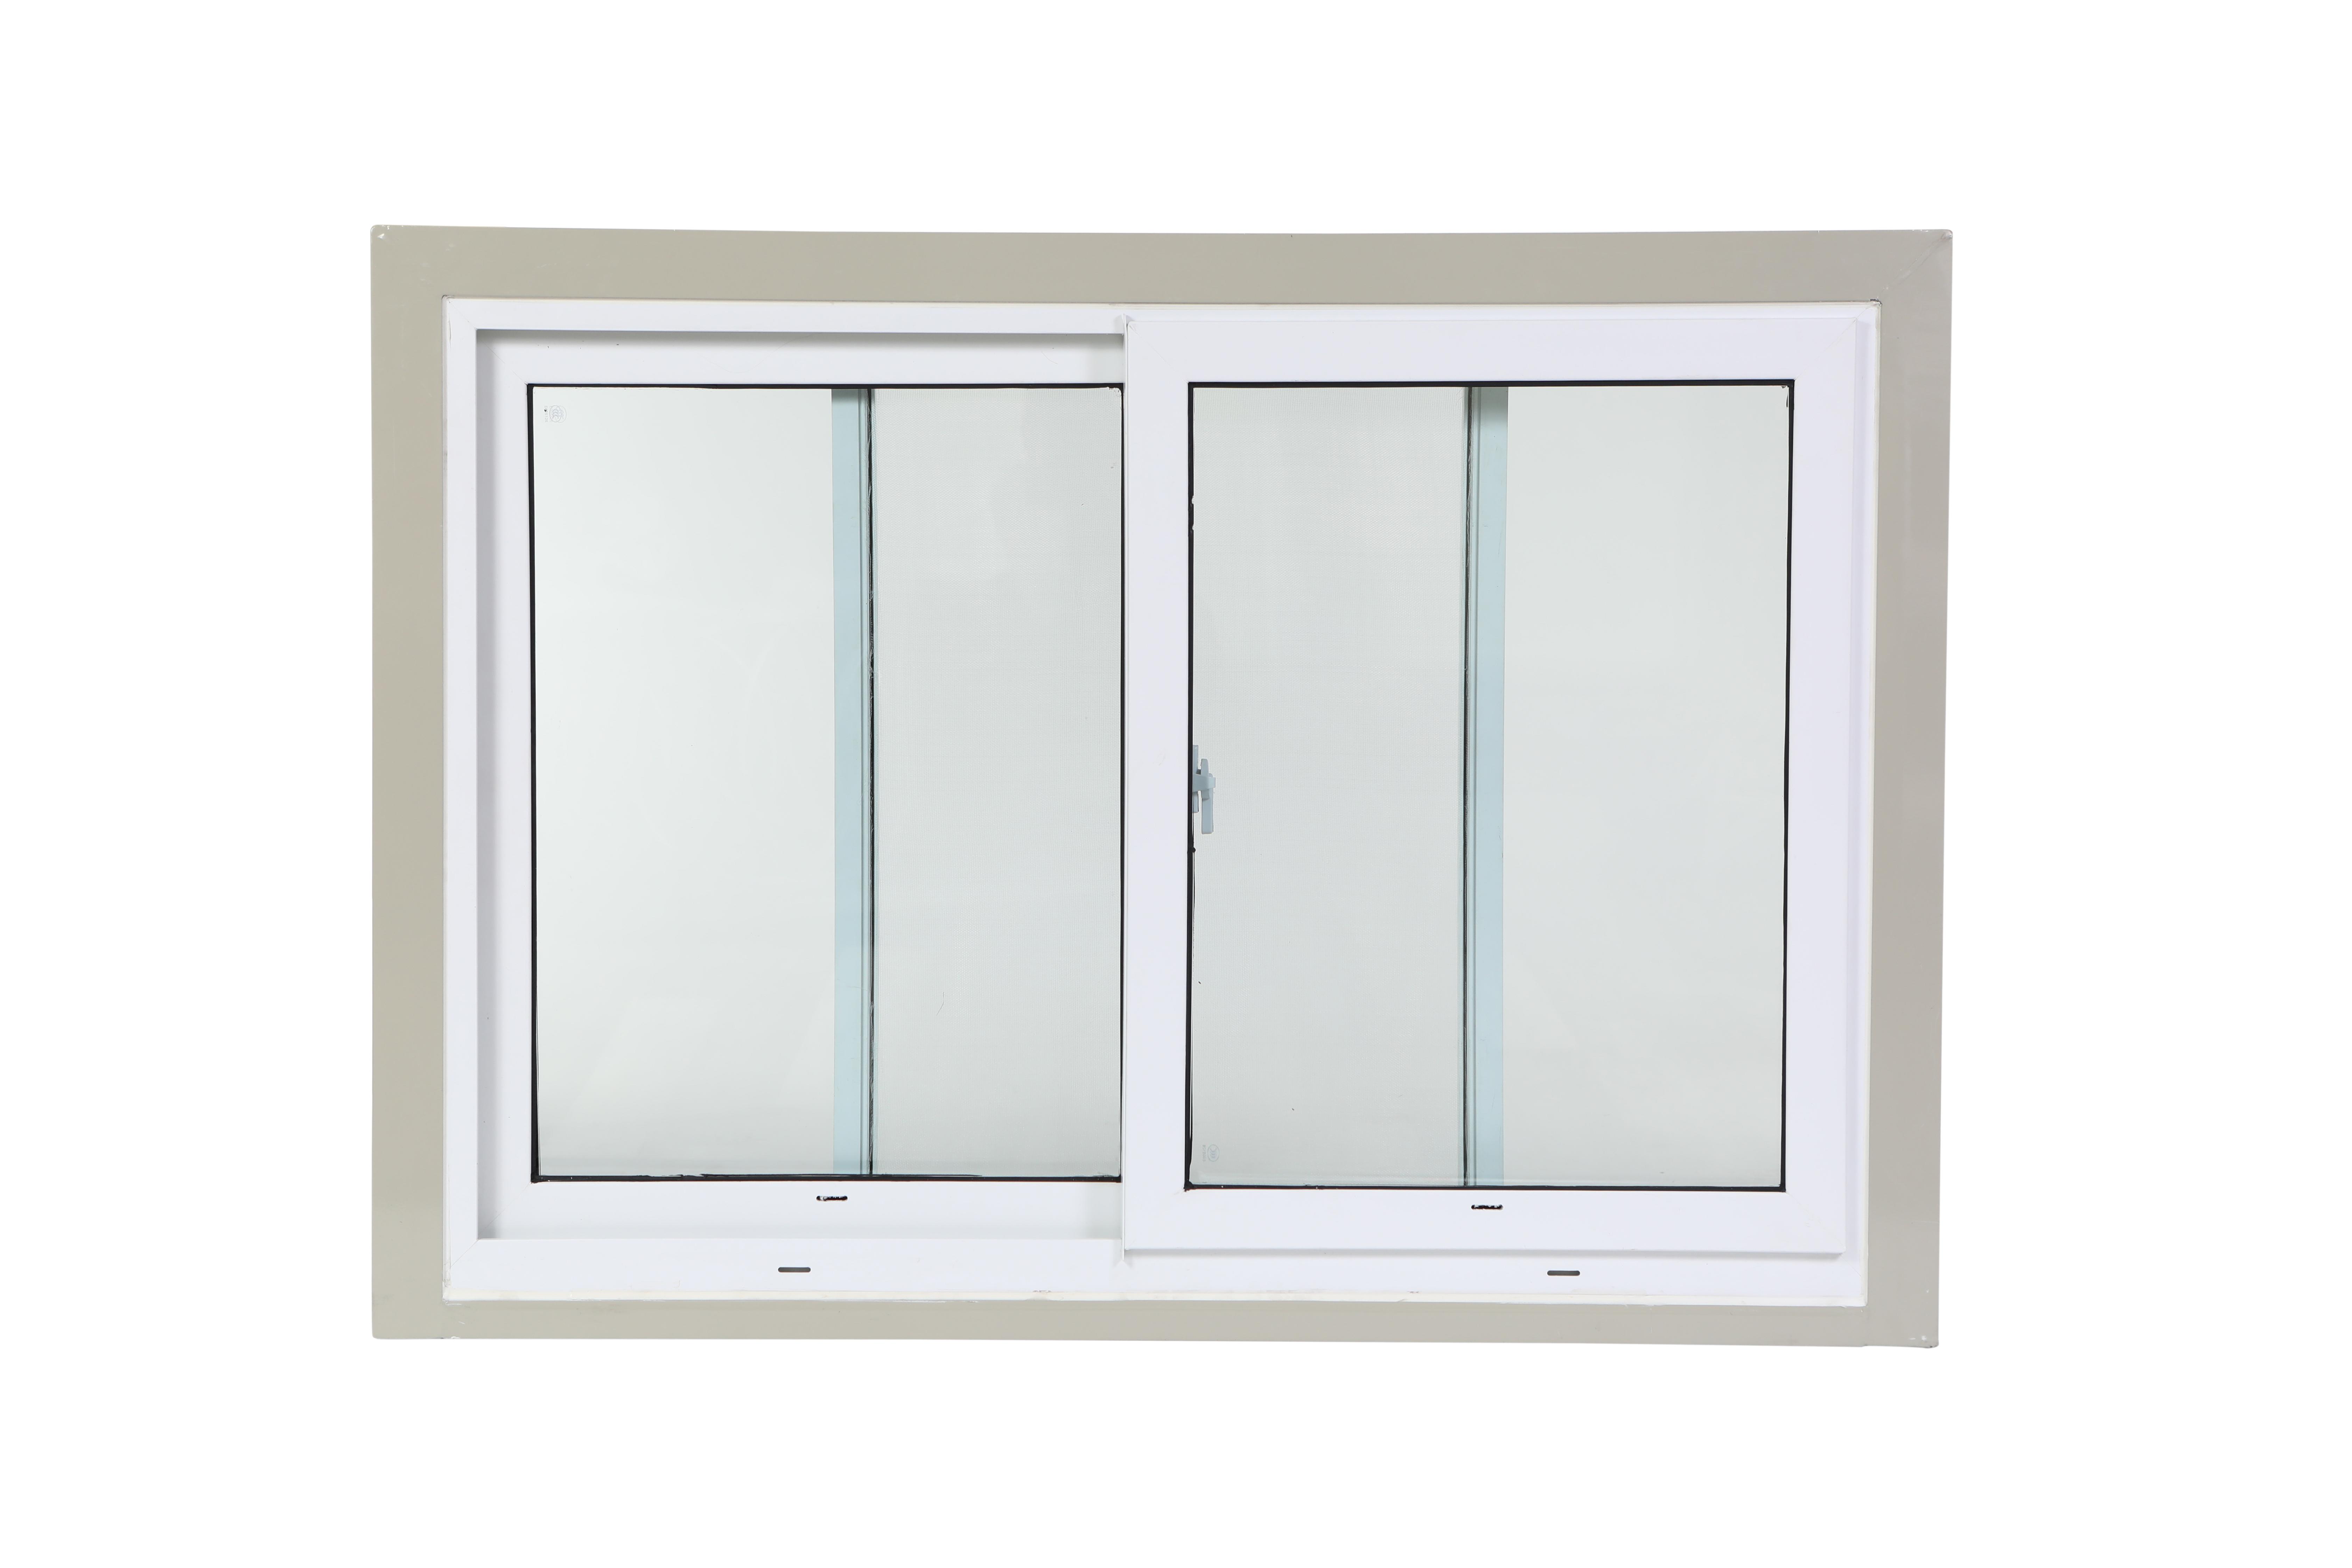 F2c.6066 INSTA 3'x4' Window